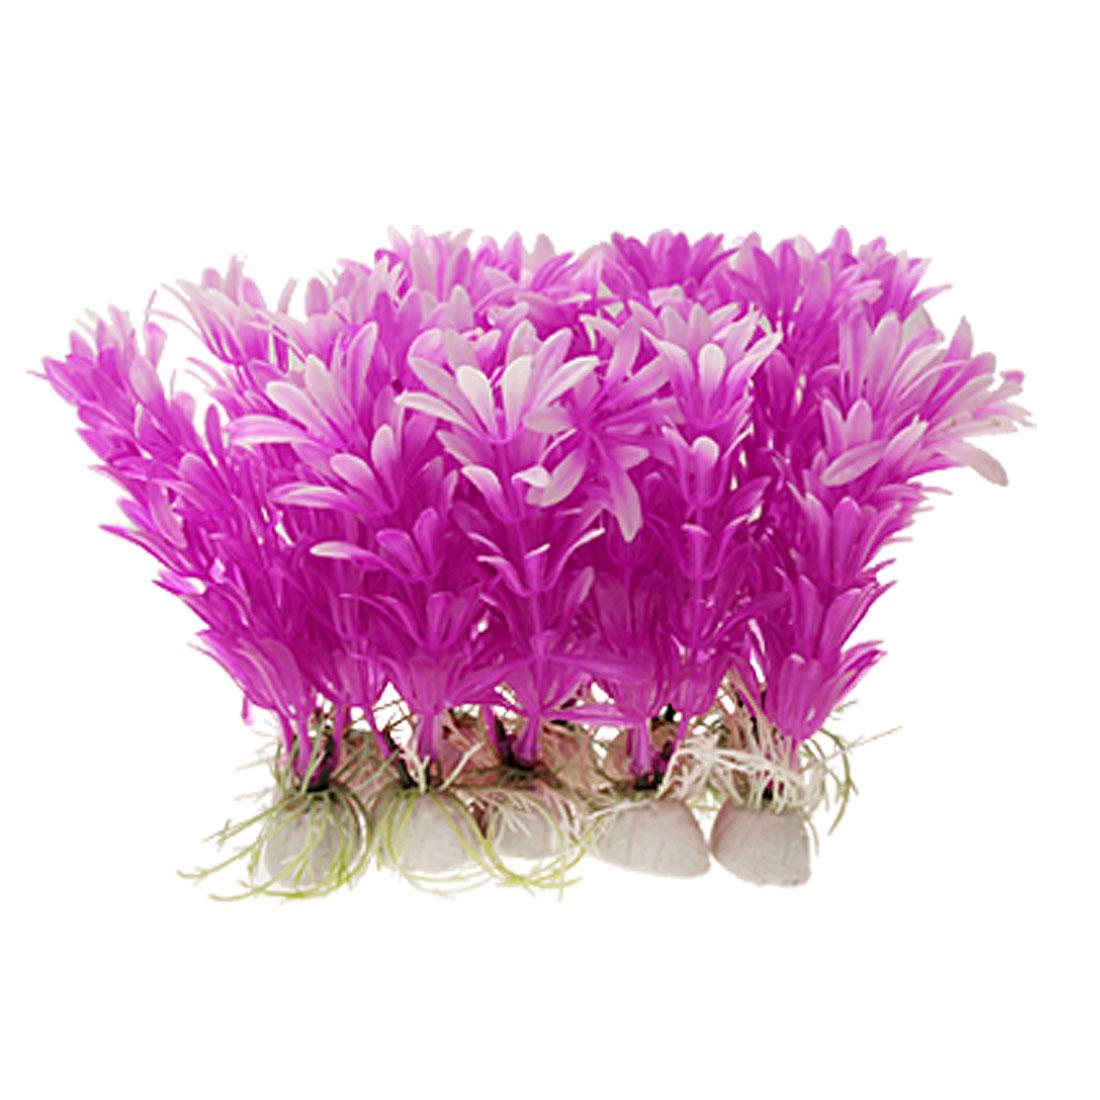 Underwater Plastic Purple Aquarium Plants Fish Tank Ornament